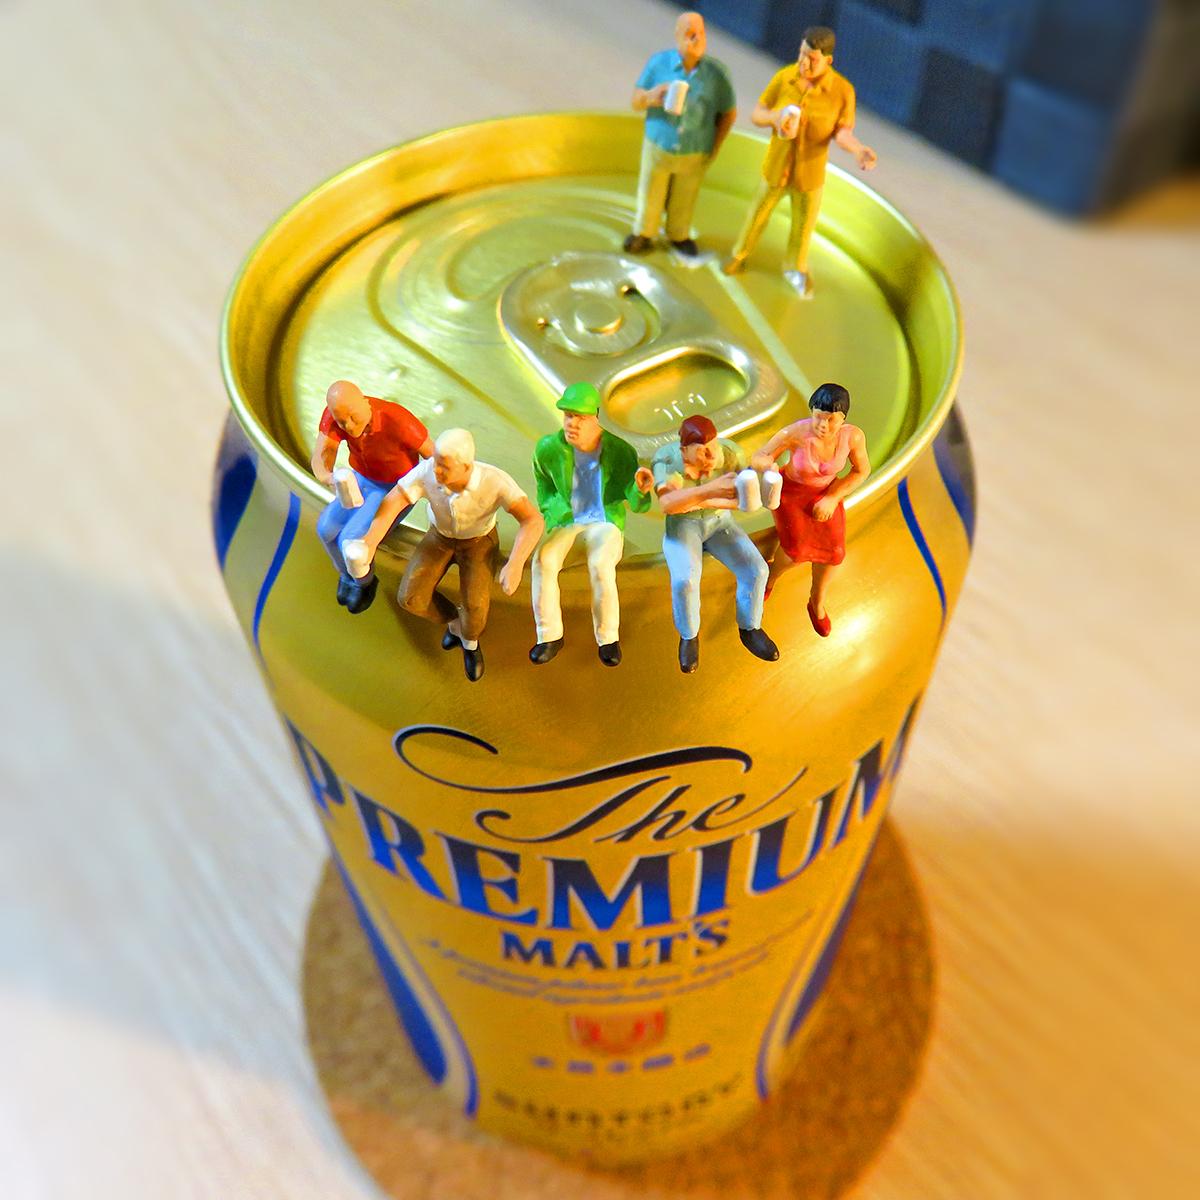 3月31日はプレミアムフライデー!15時に会社を退社してプレミアムモルツビールを飲む会社員たち